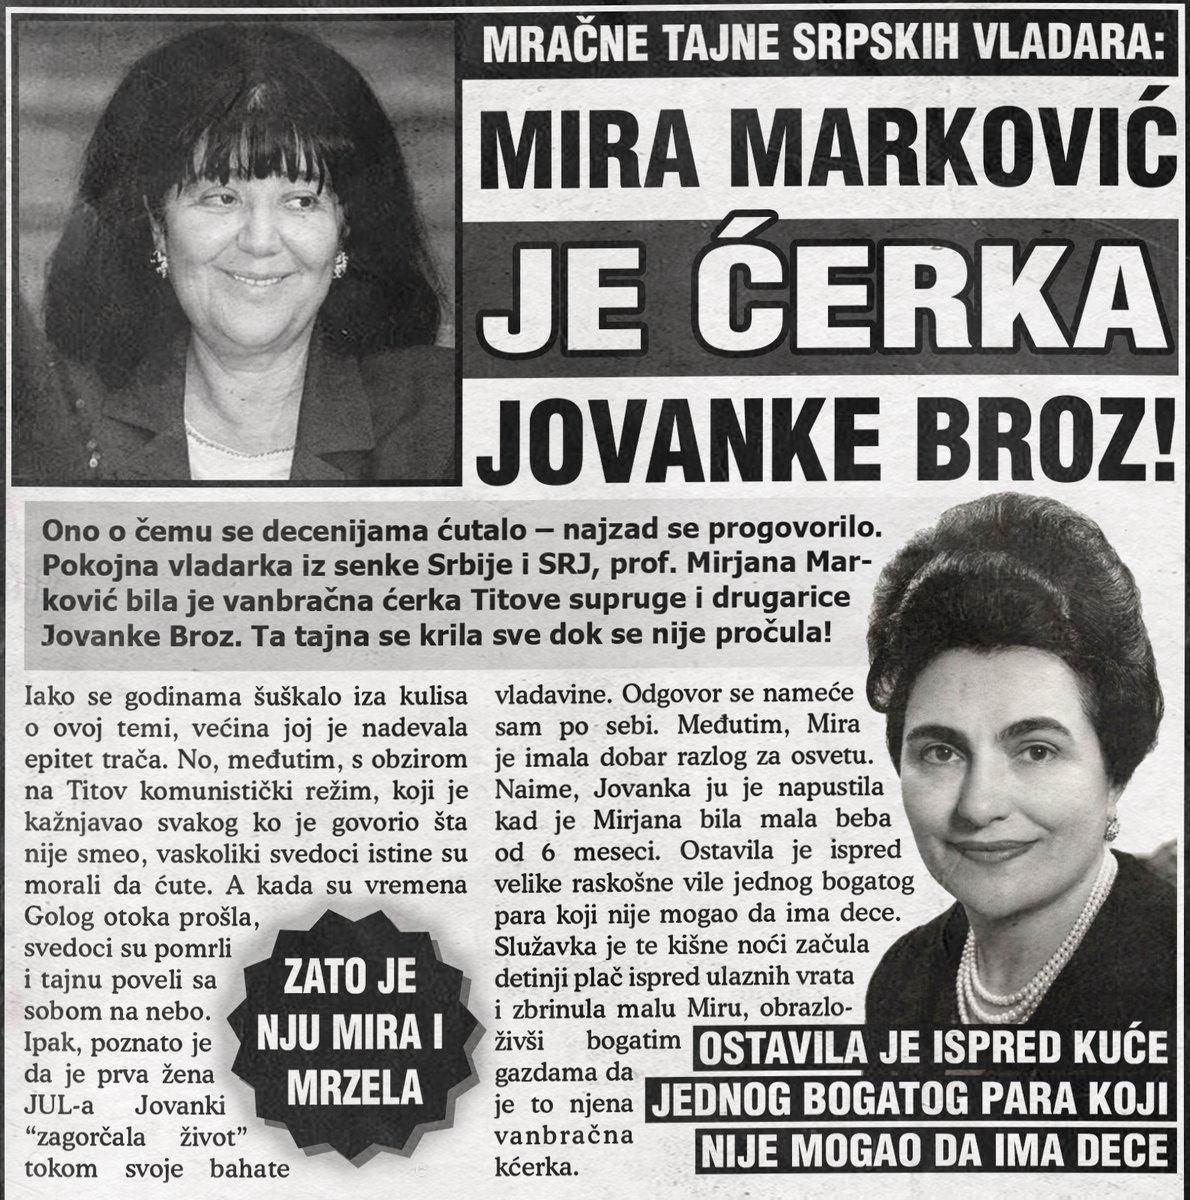 Mira Marković je ćerka Jovanke Broz